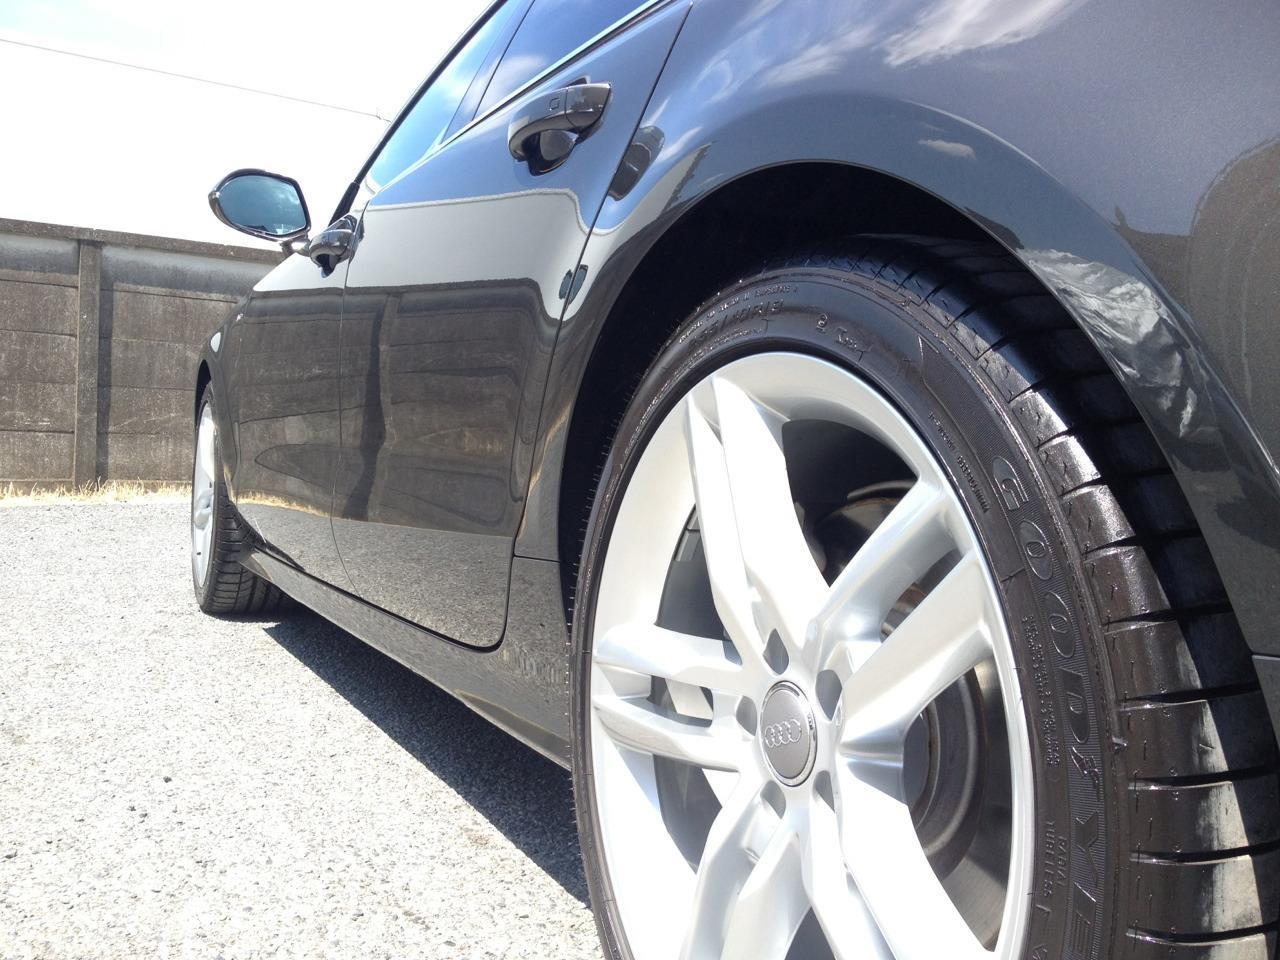 東京都立川市の車の板金塗装修理工場 ガレージローライドのアウディ A7のボディー磨き&ジーゾックスリアルガラスコート艶プラスです。